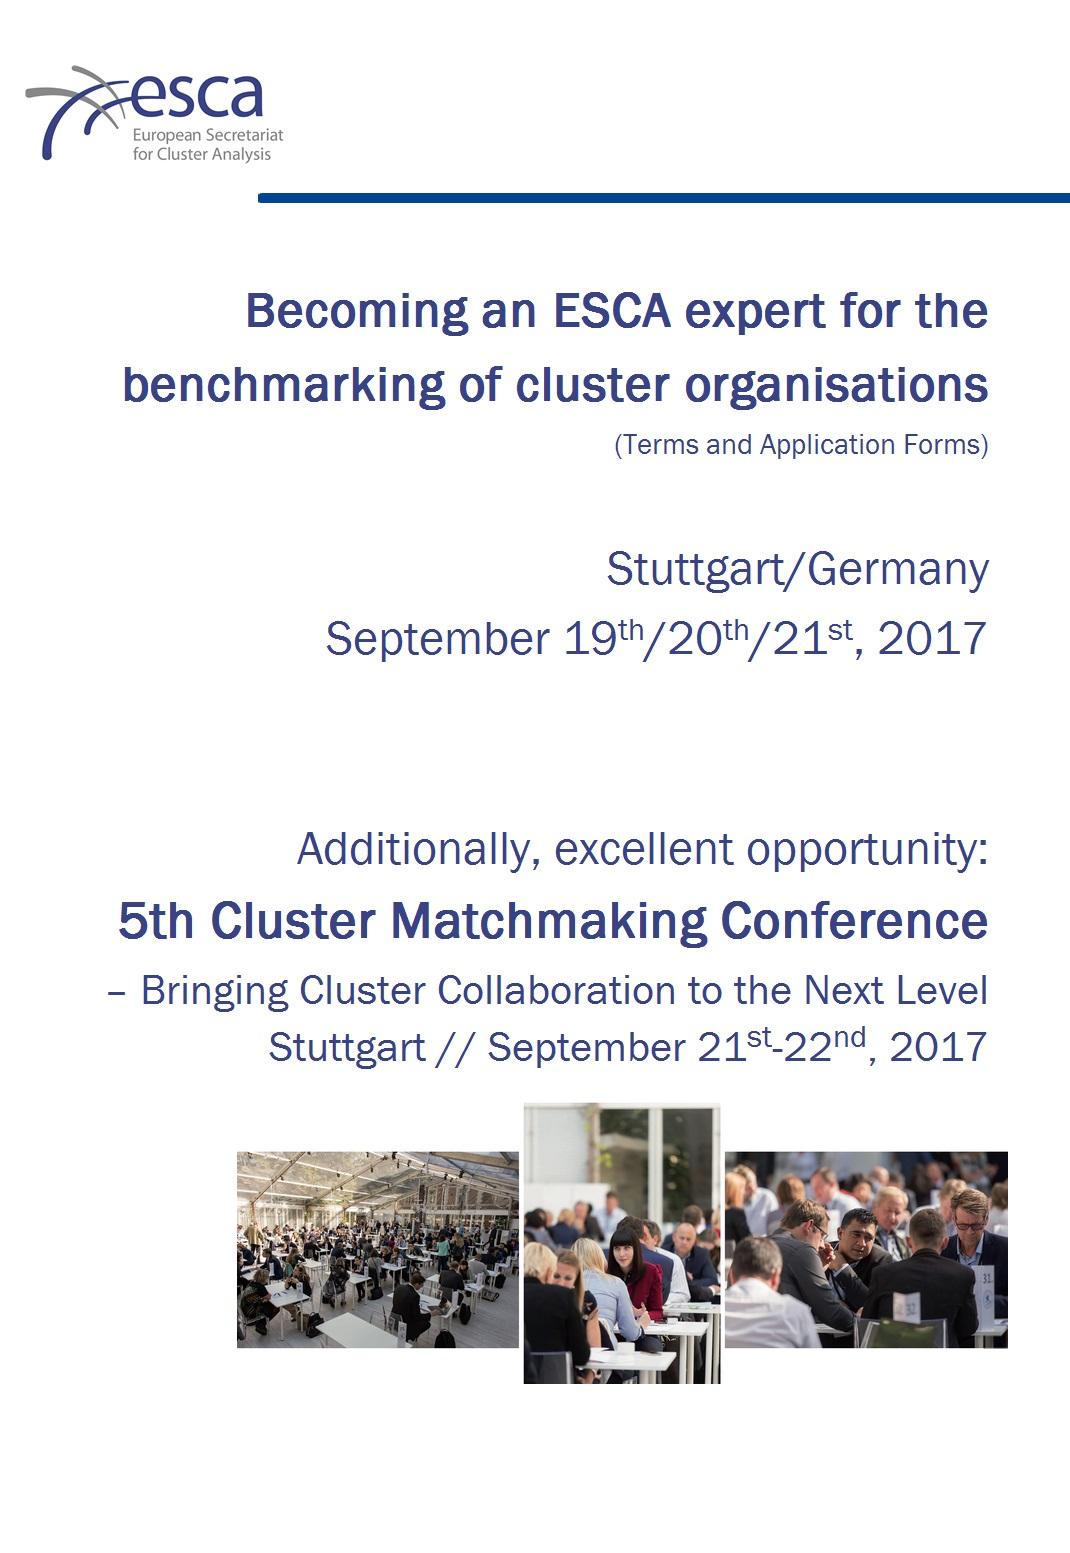 ESCA_Training_Offer_STUTTGART_Sep_2017